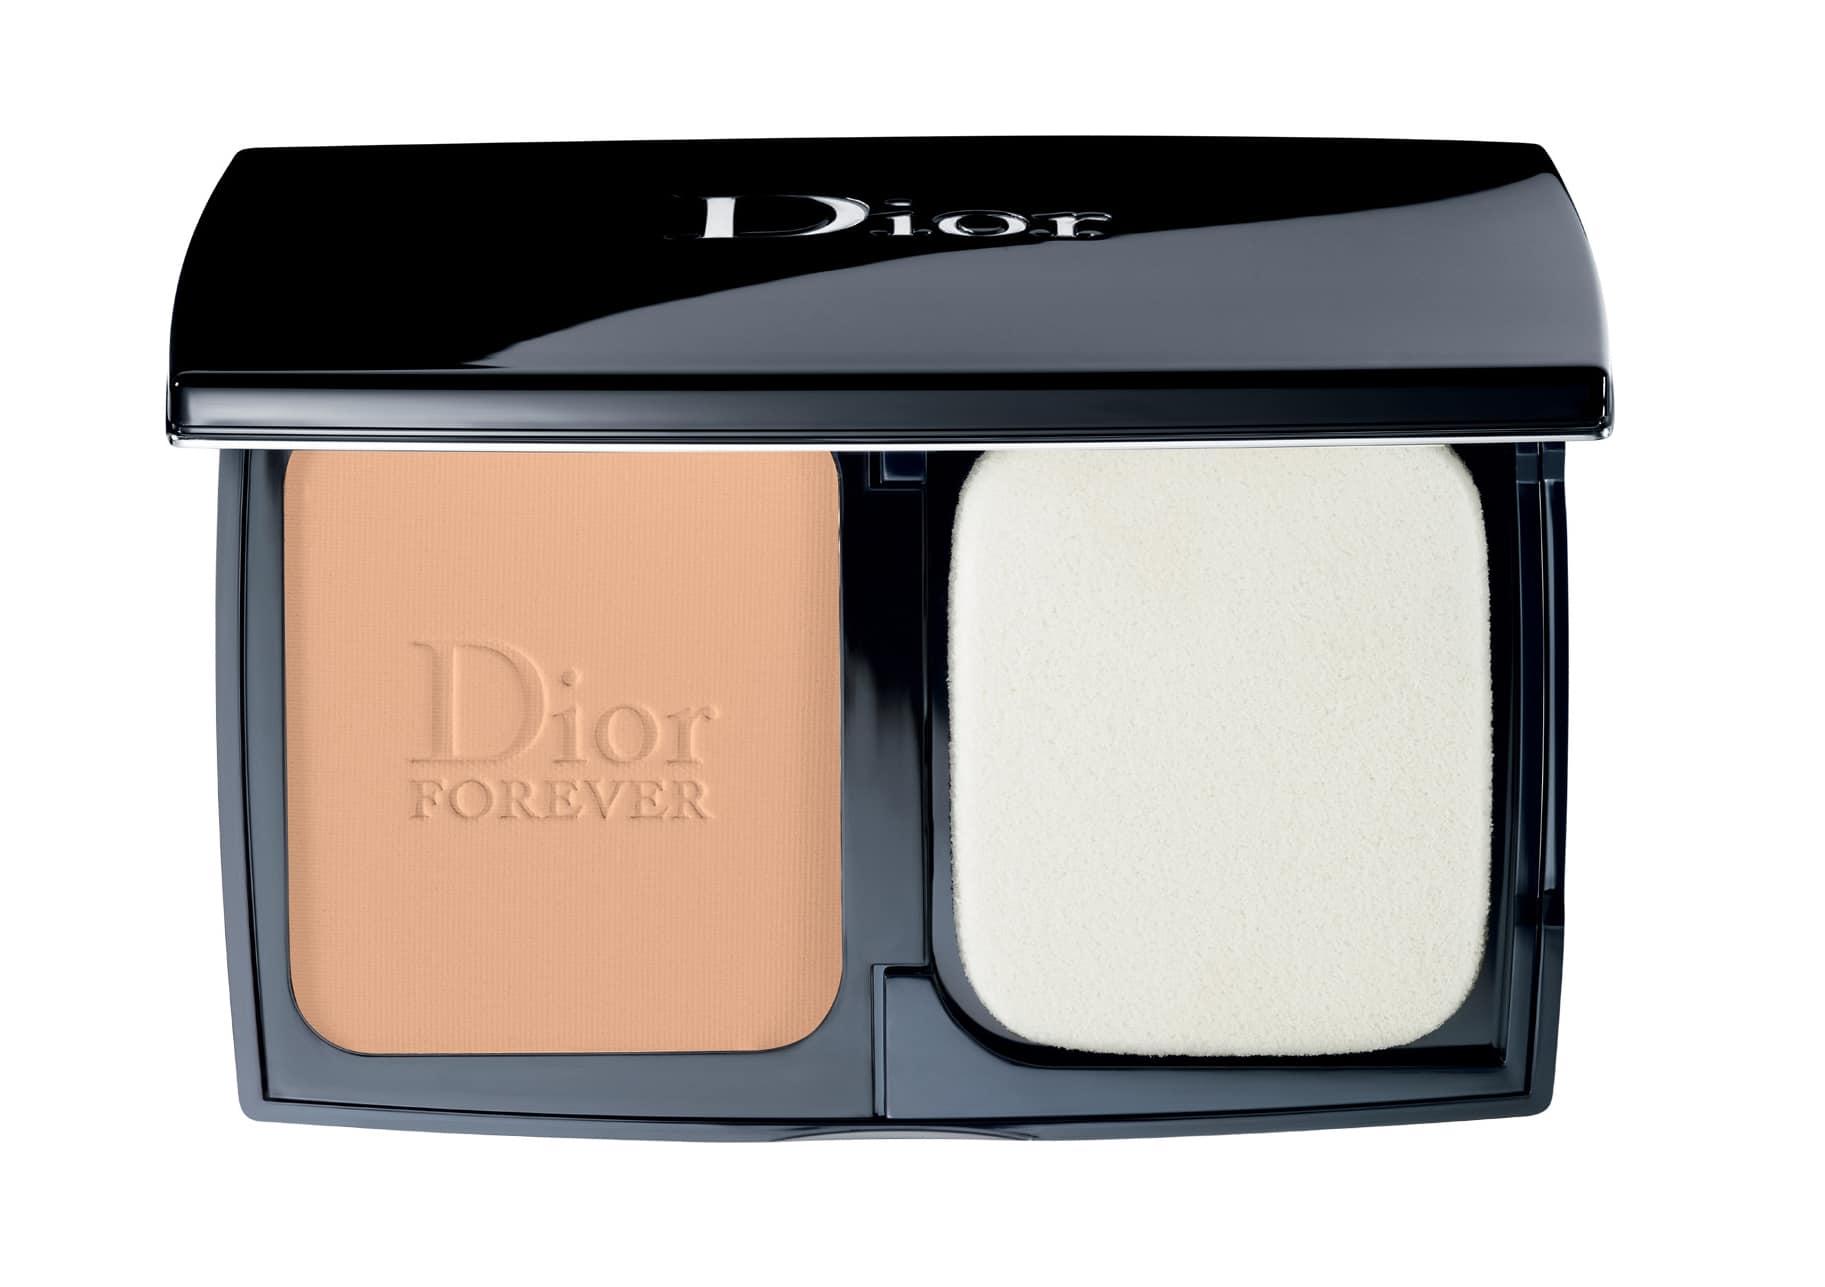 Dior Diorskin Forever Extreme Control Fondotinta: info, prezzo, recensione, opinioni, immagini, swatch, INCI